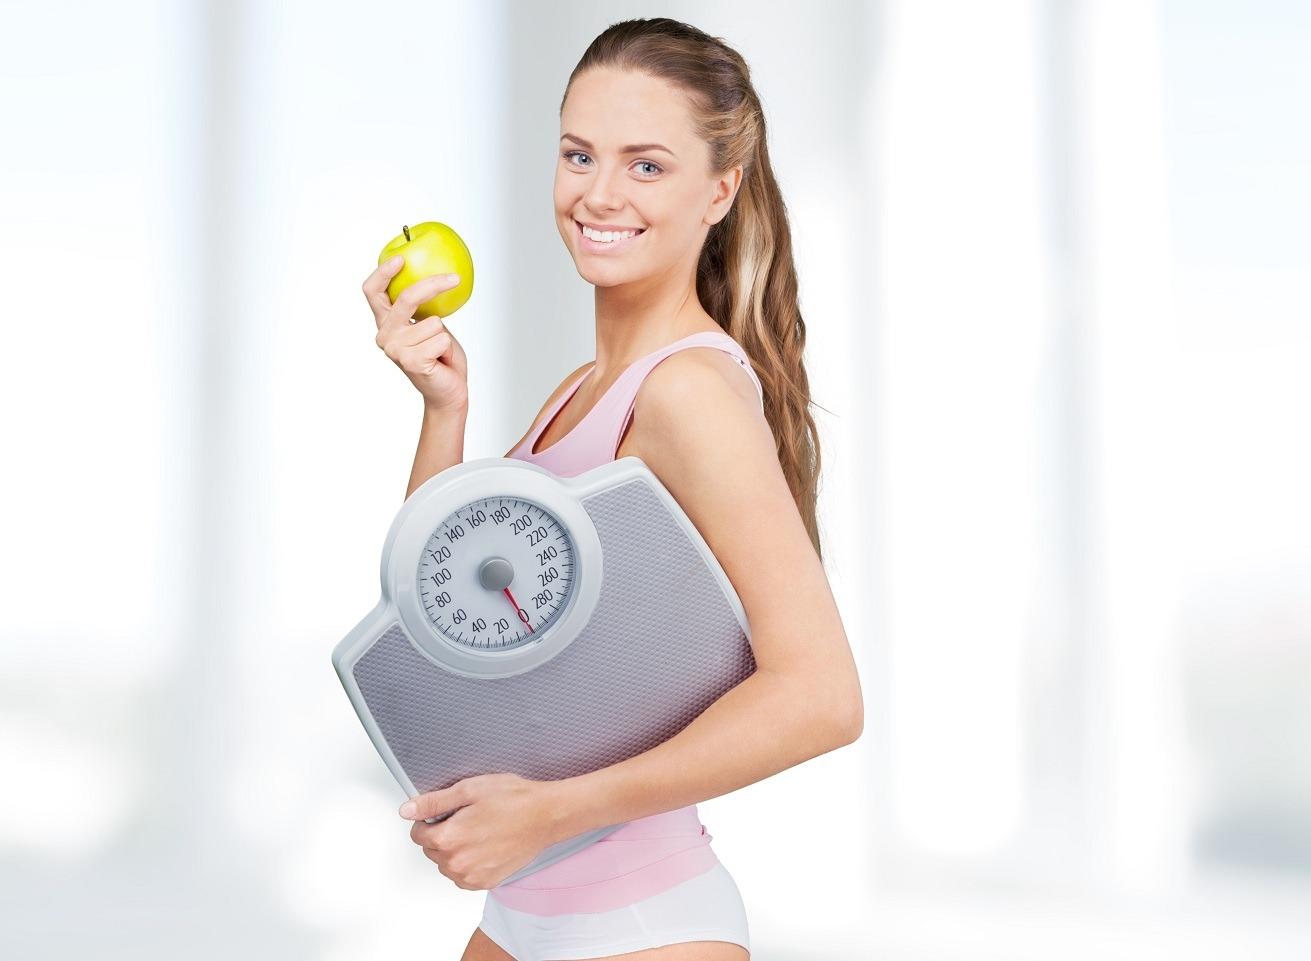 220 de kilograme cum să piardă în greutate arde grăsime xtreme